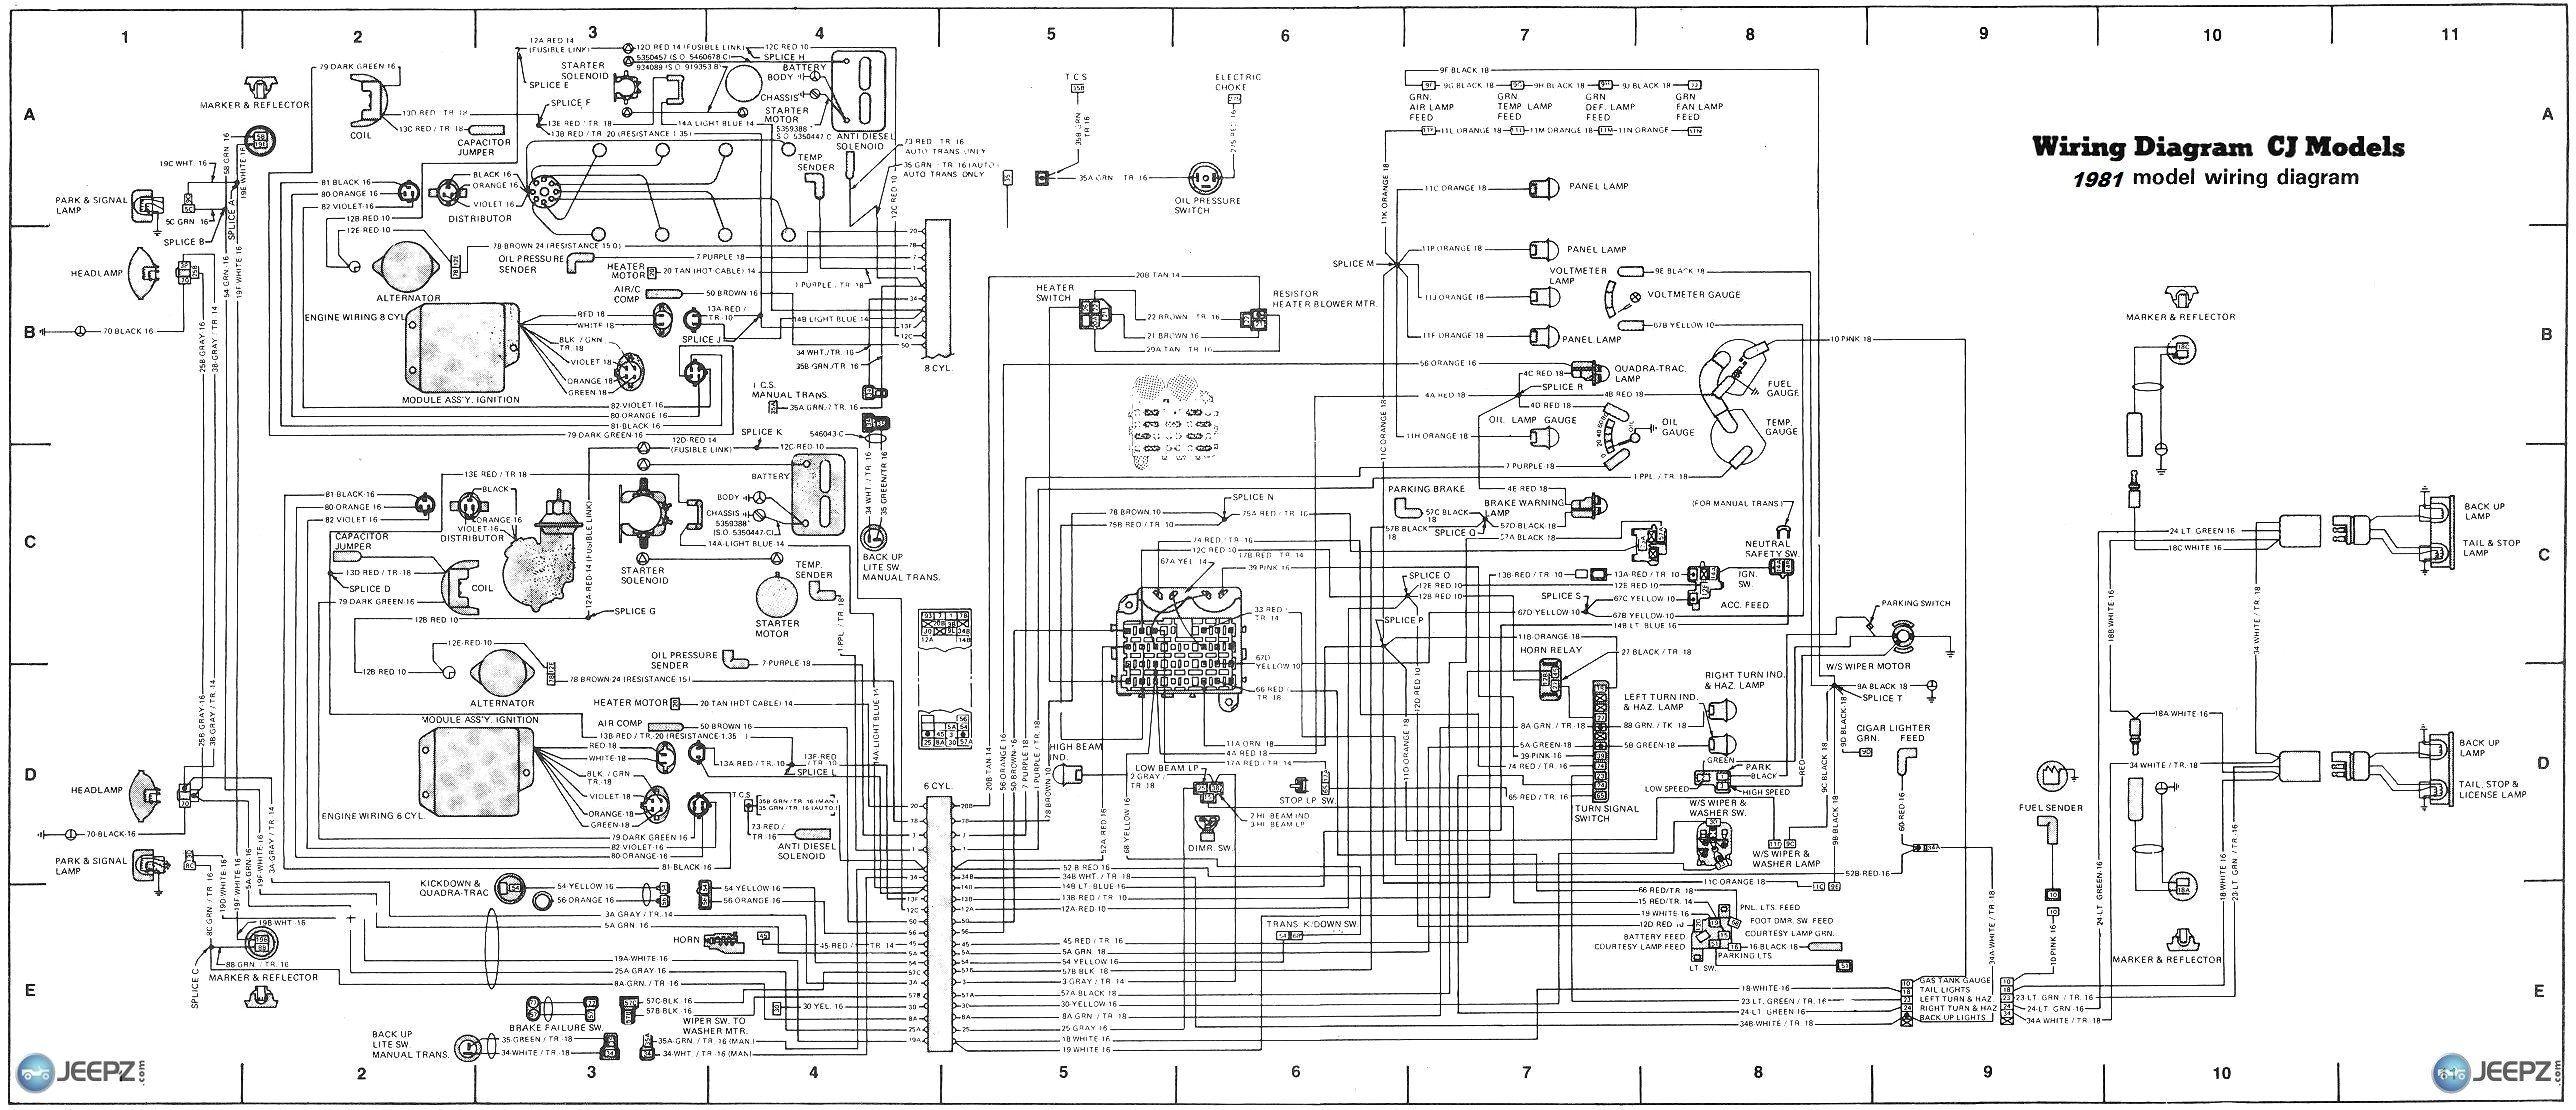 1979 jeep j10 wiring diagram 2 sg dbd de u202271 jeep j10 wiring colors wiring [ 2576 x 1110 Pixel ]